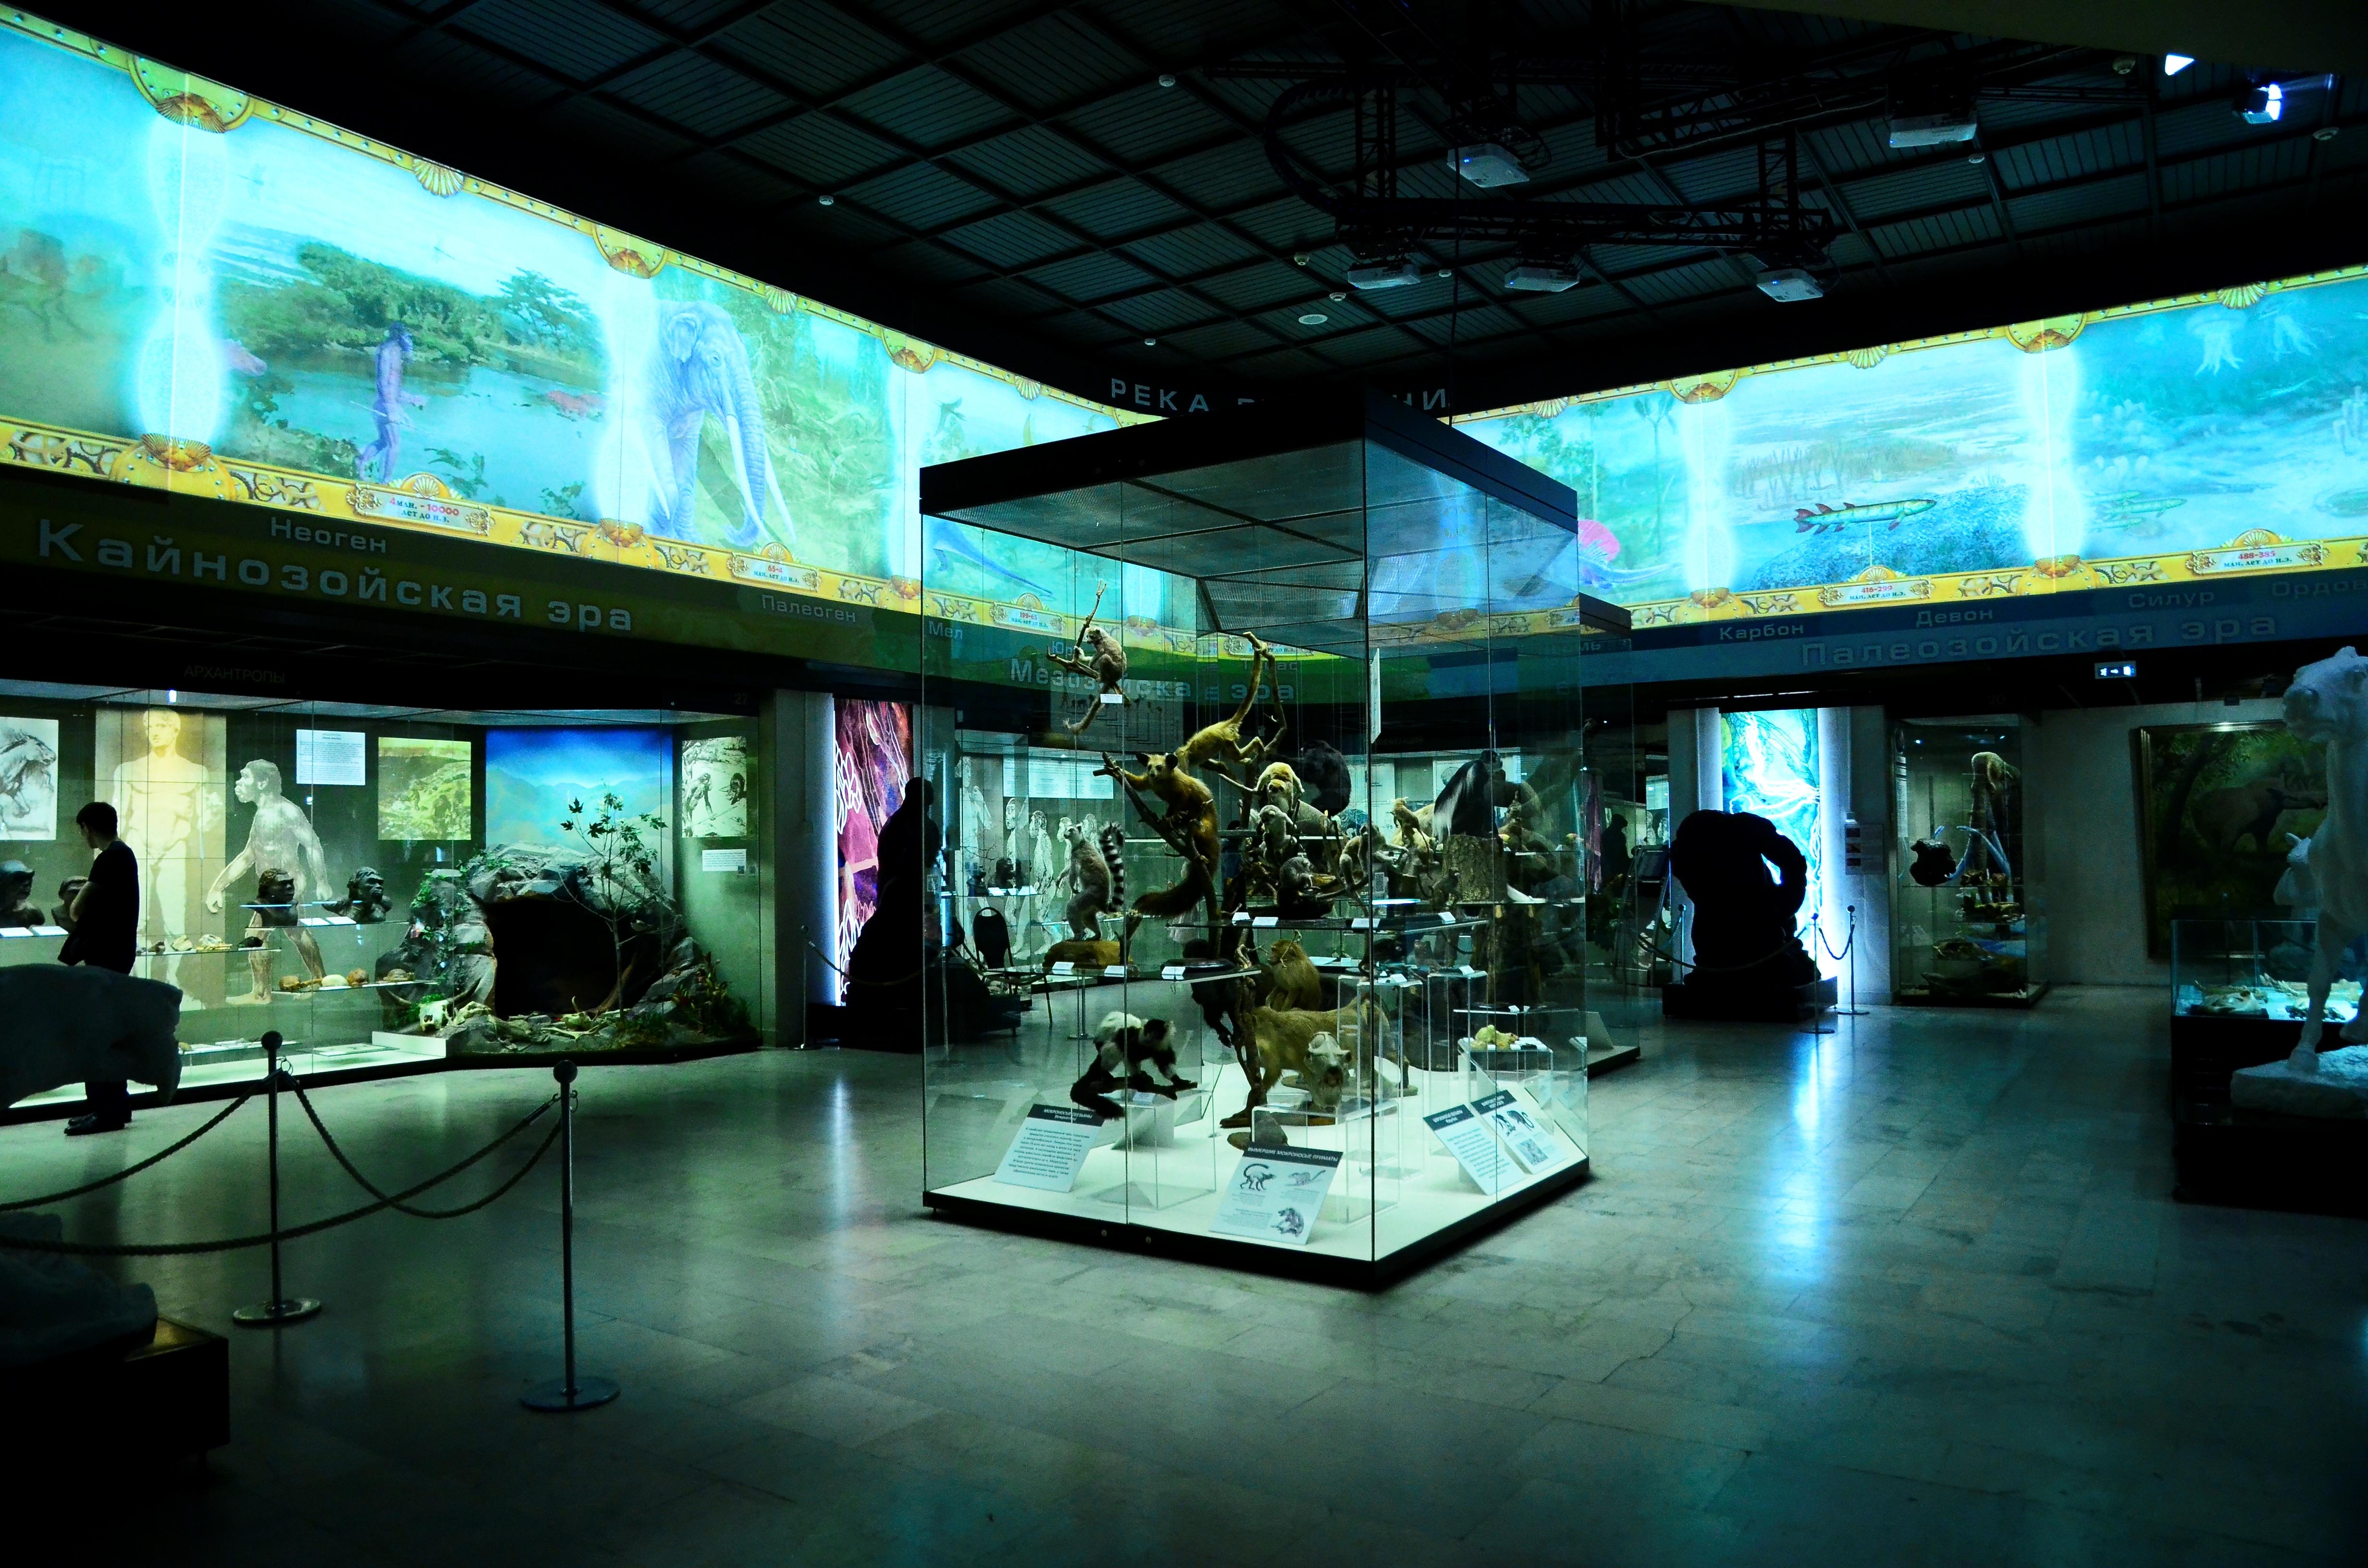 Жители юга вновь увидят легенду Московского зоопарка